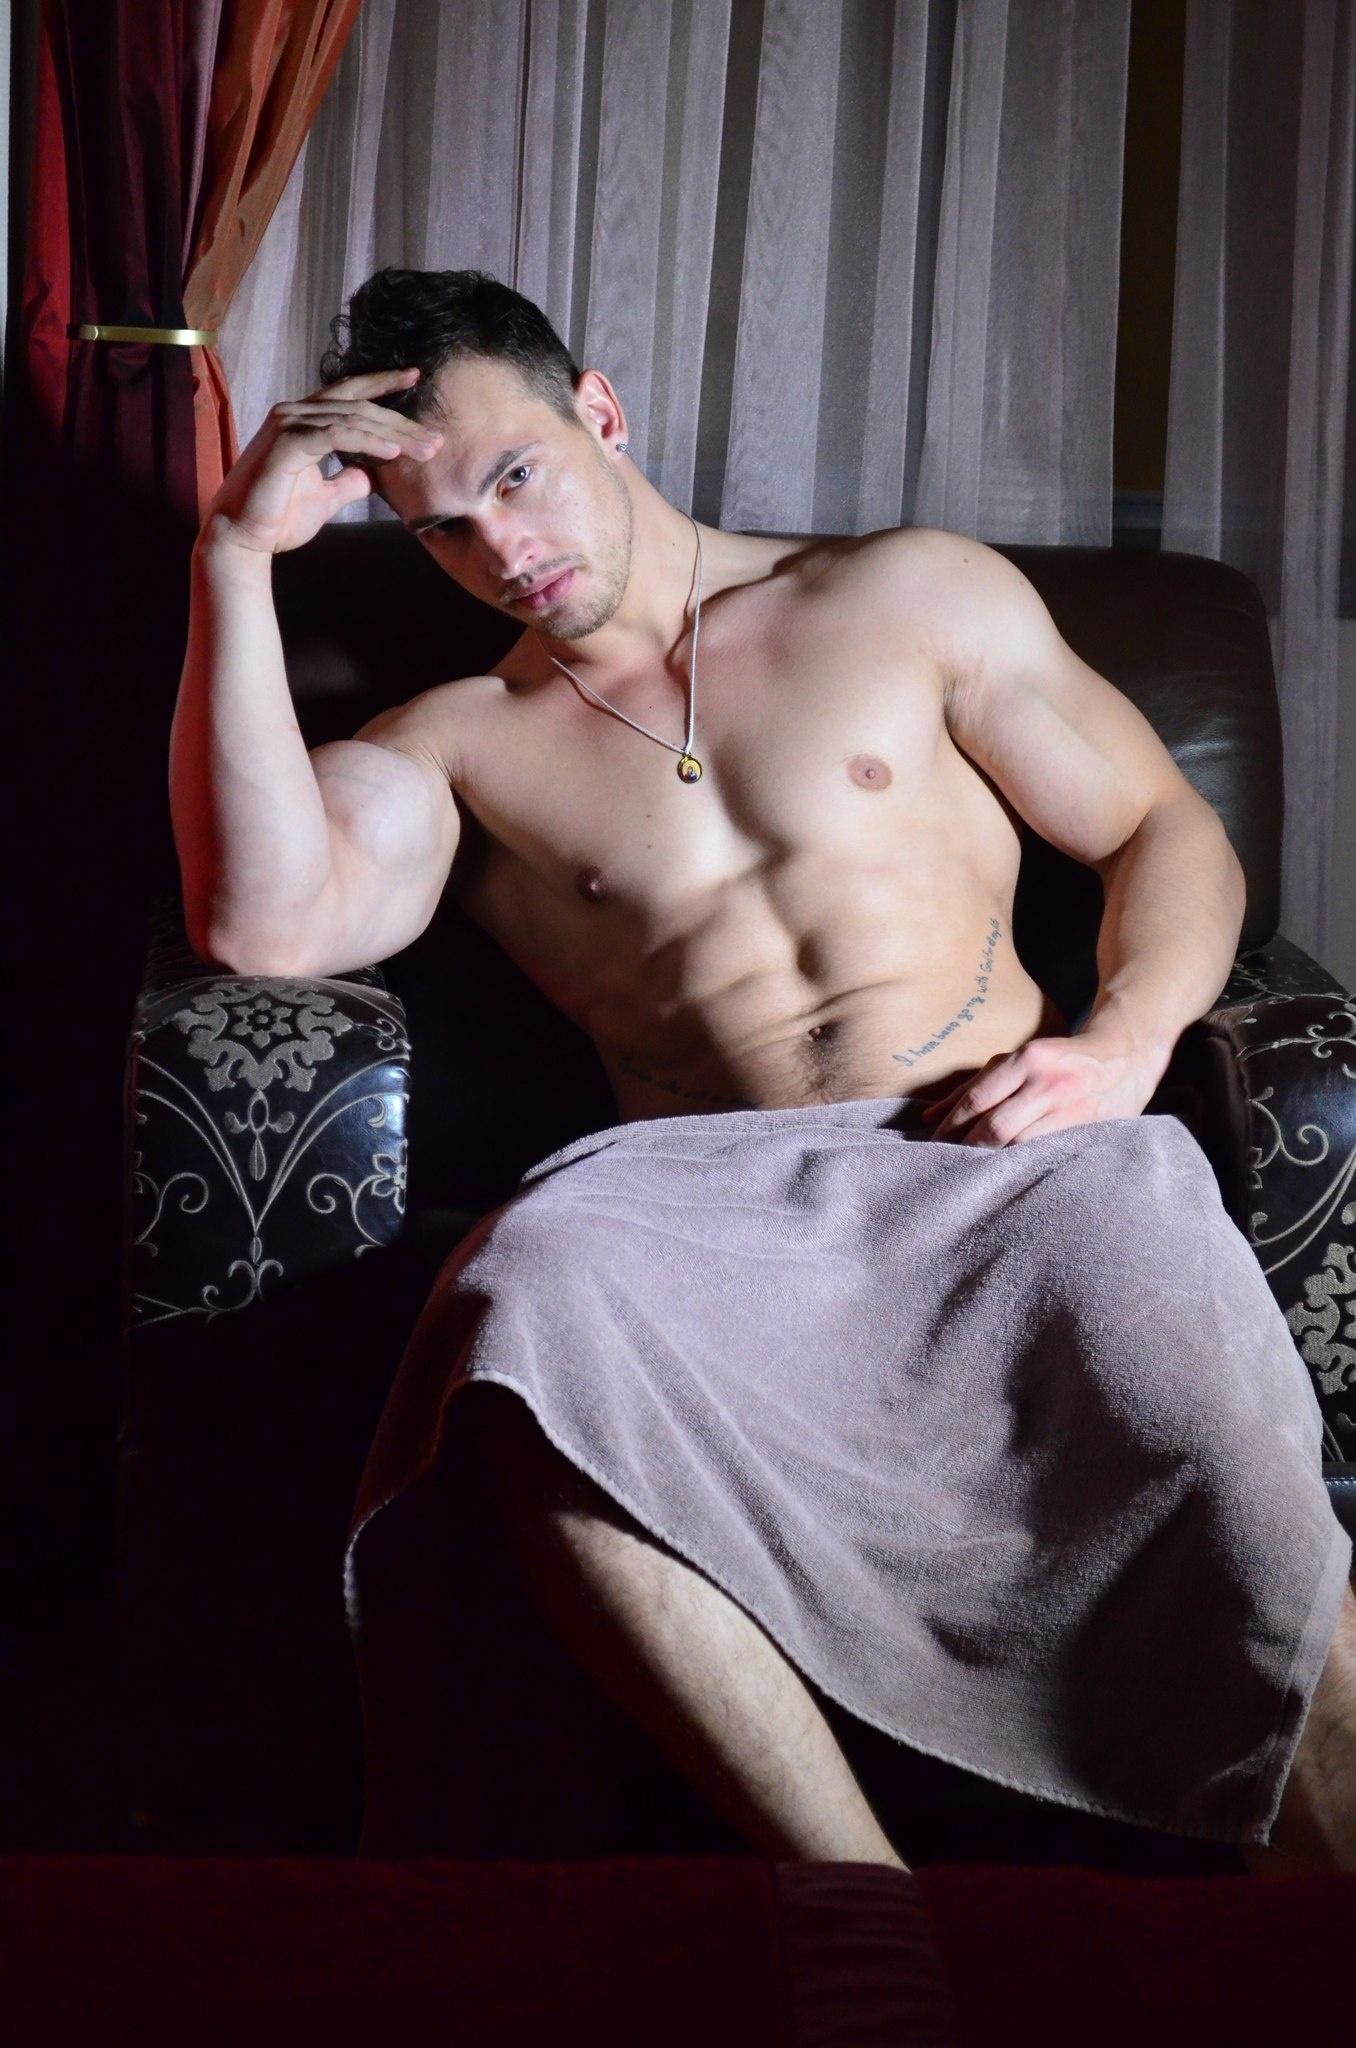 Бесплатный порновидеочат с мужиками по вебке смотреть онлайн в hd 720 качестве  фотоография